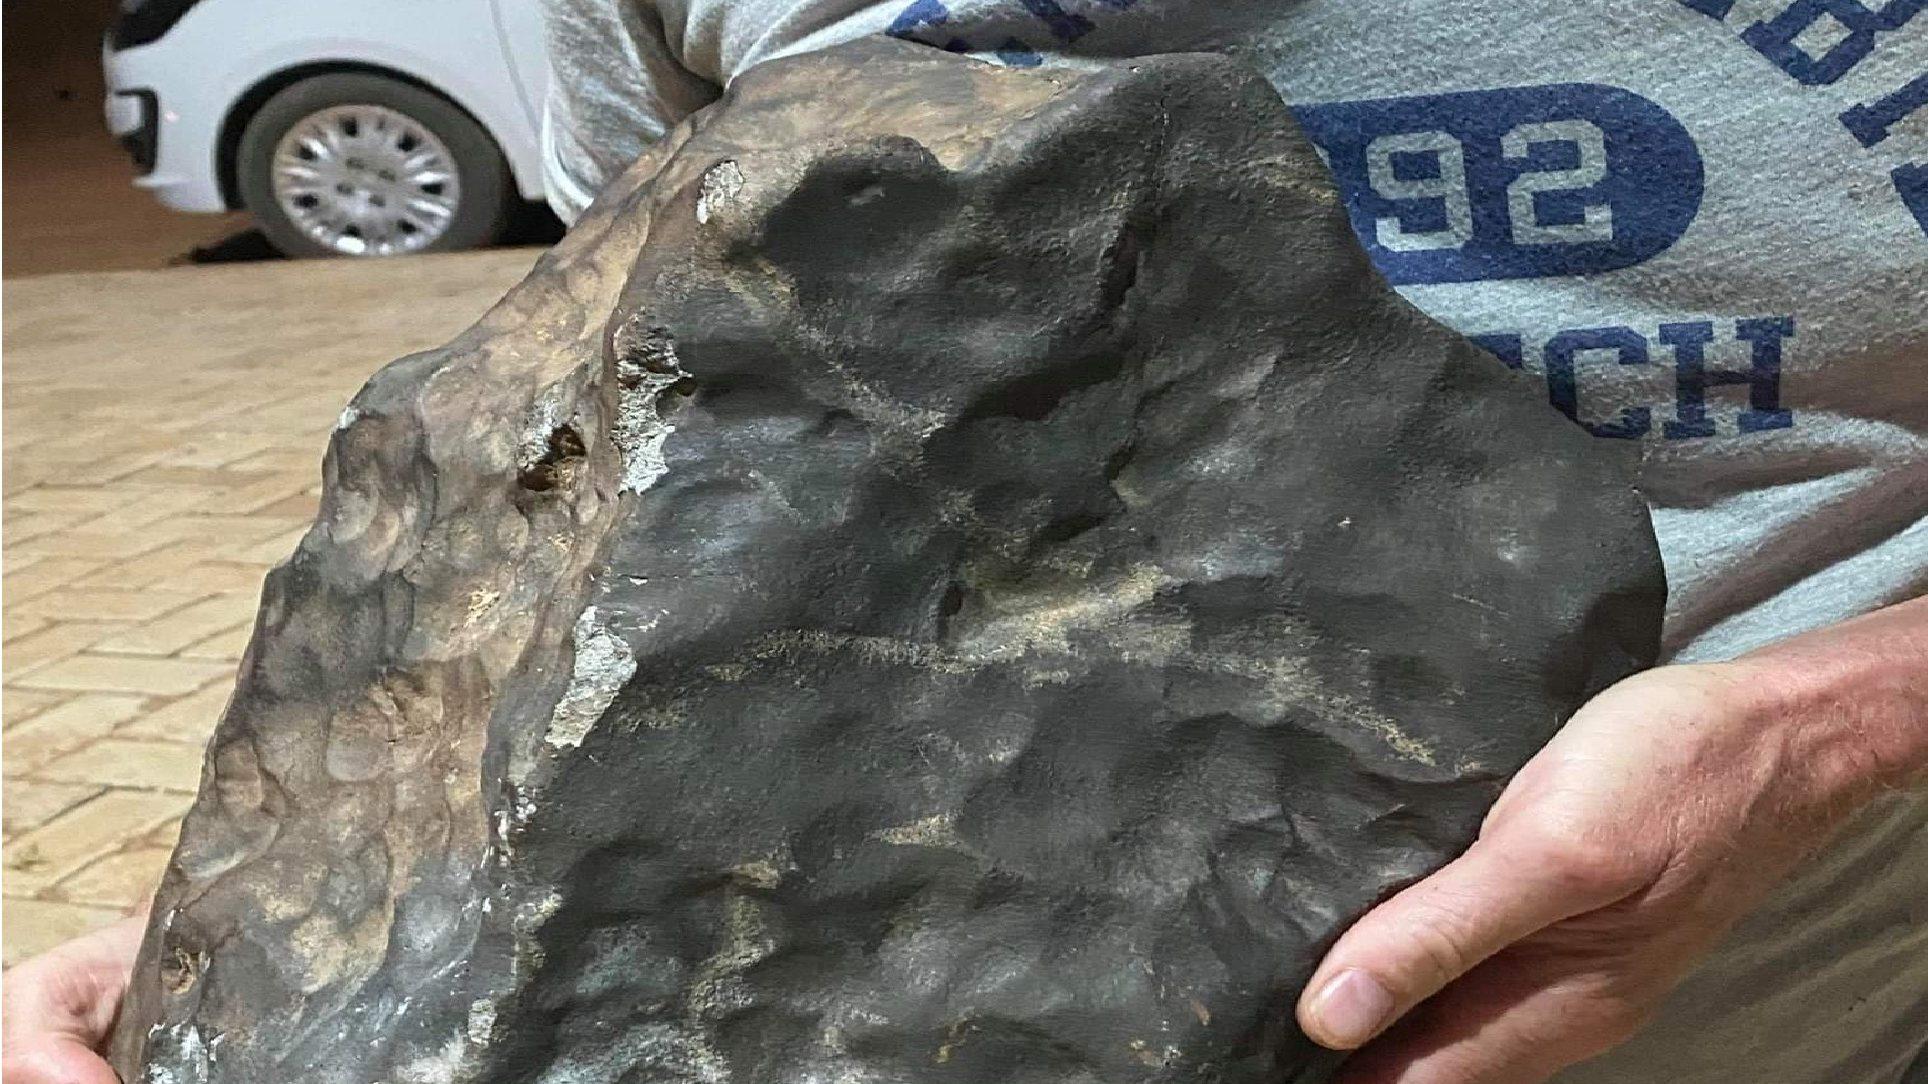 Pioggia di meteoriti in Brasile: danni a Santa Filomena. Sul suolo oltre 200 frammenti spaziali